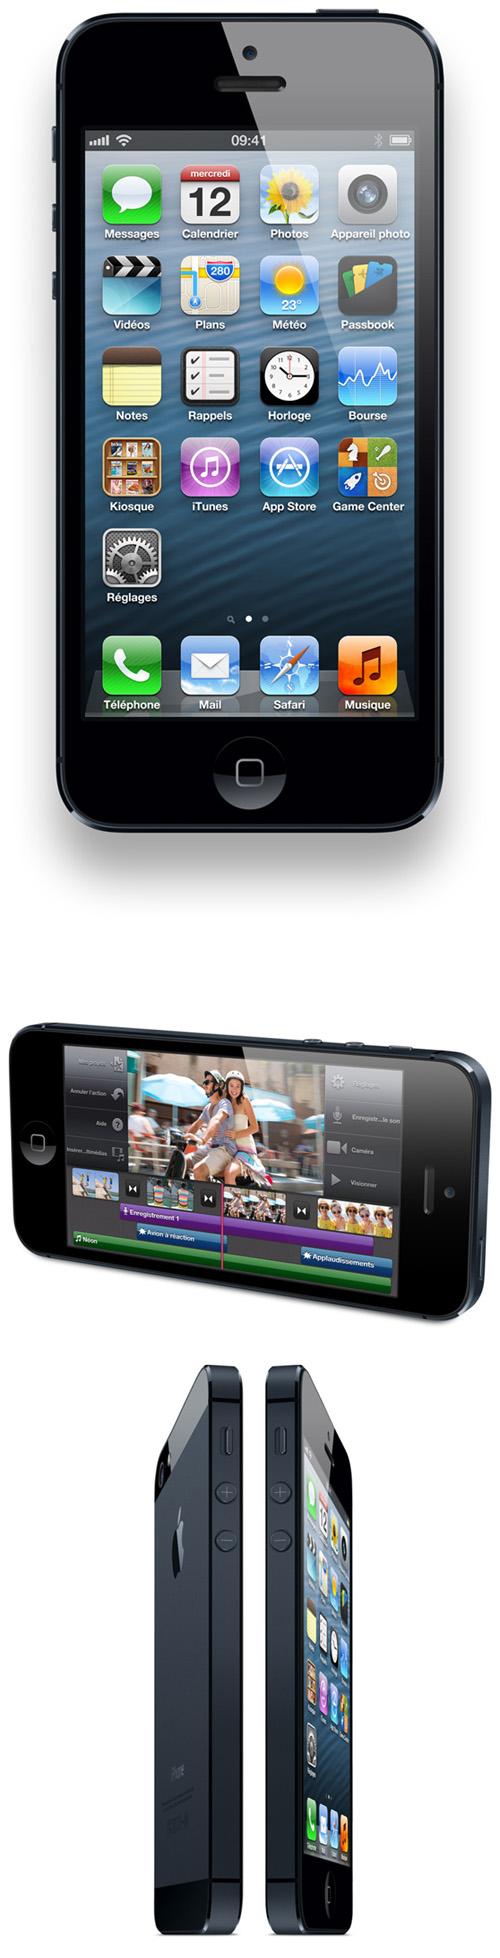 Apple dévoile l'iPhone 5 qui sera commercialisé le 21 septembre en France